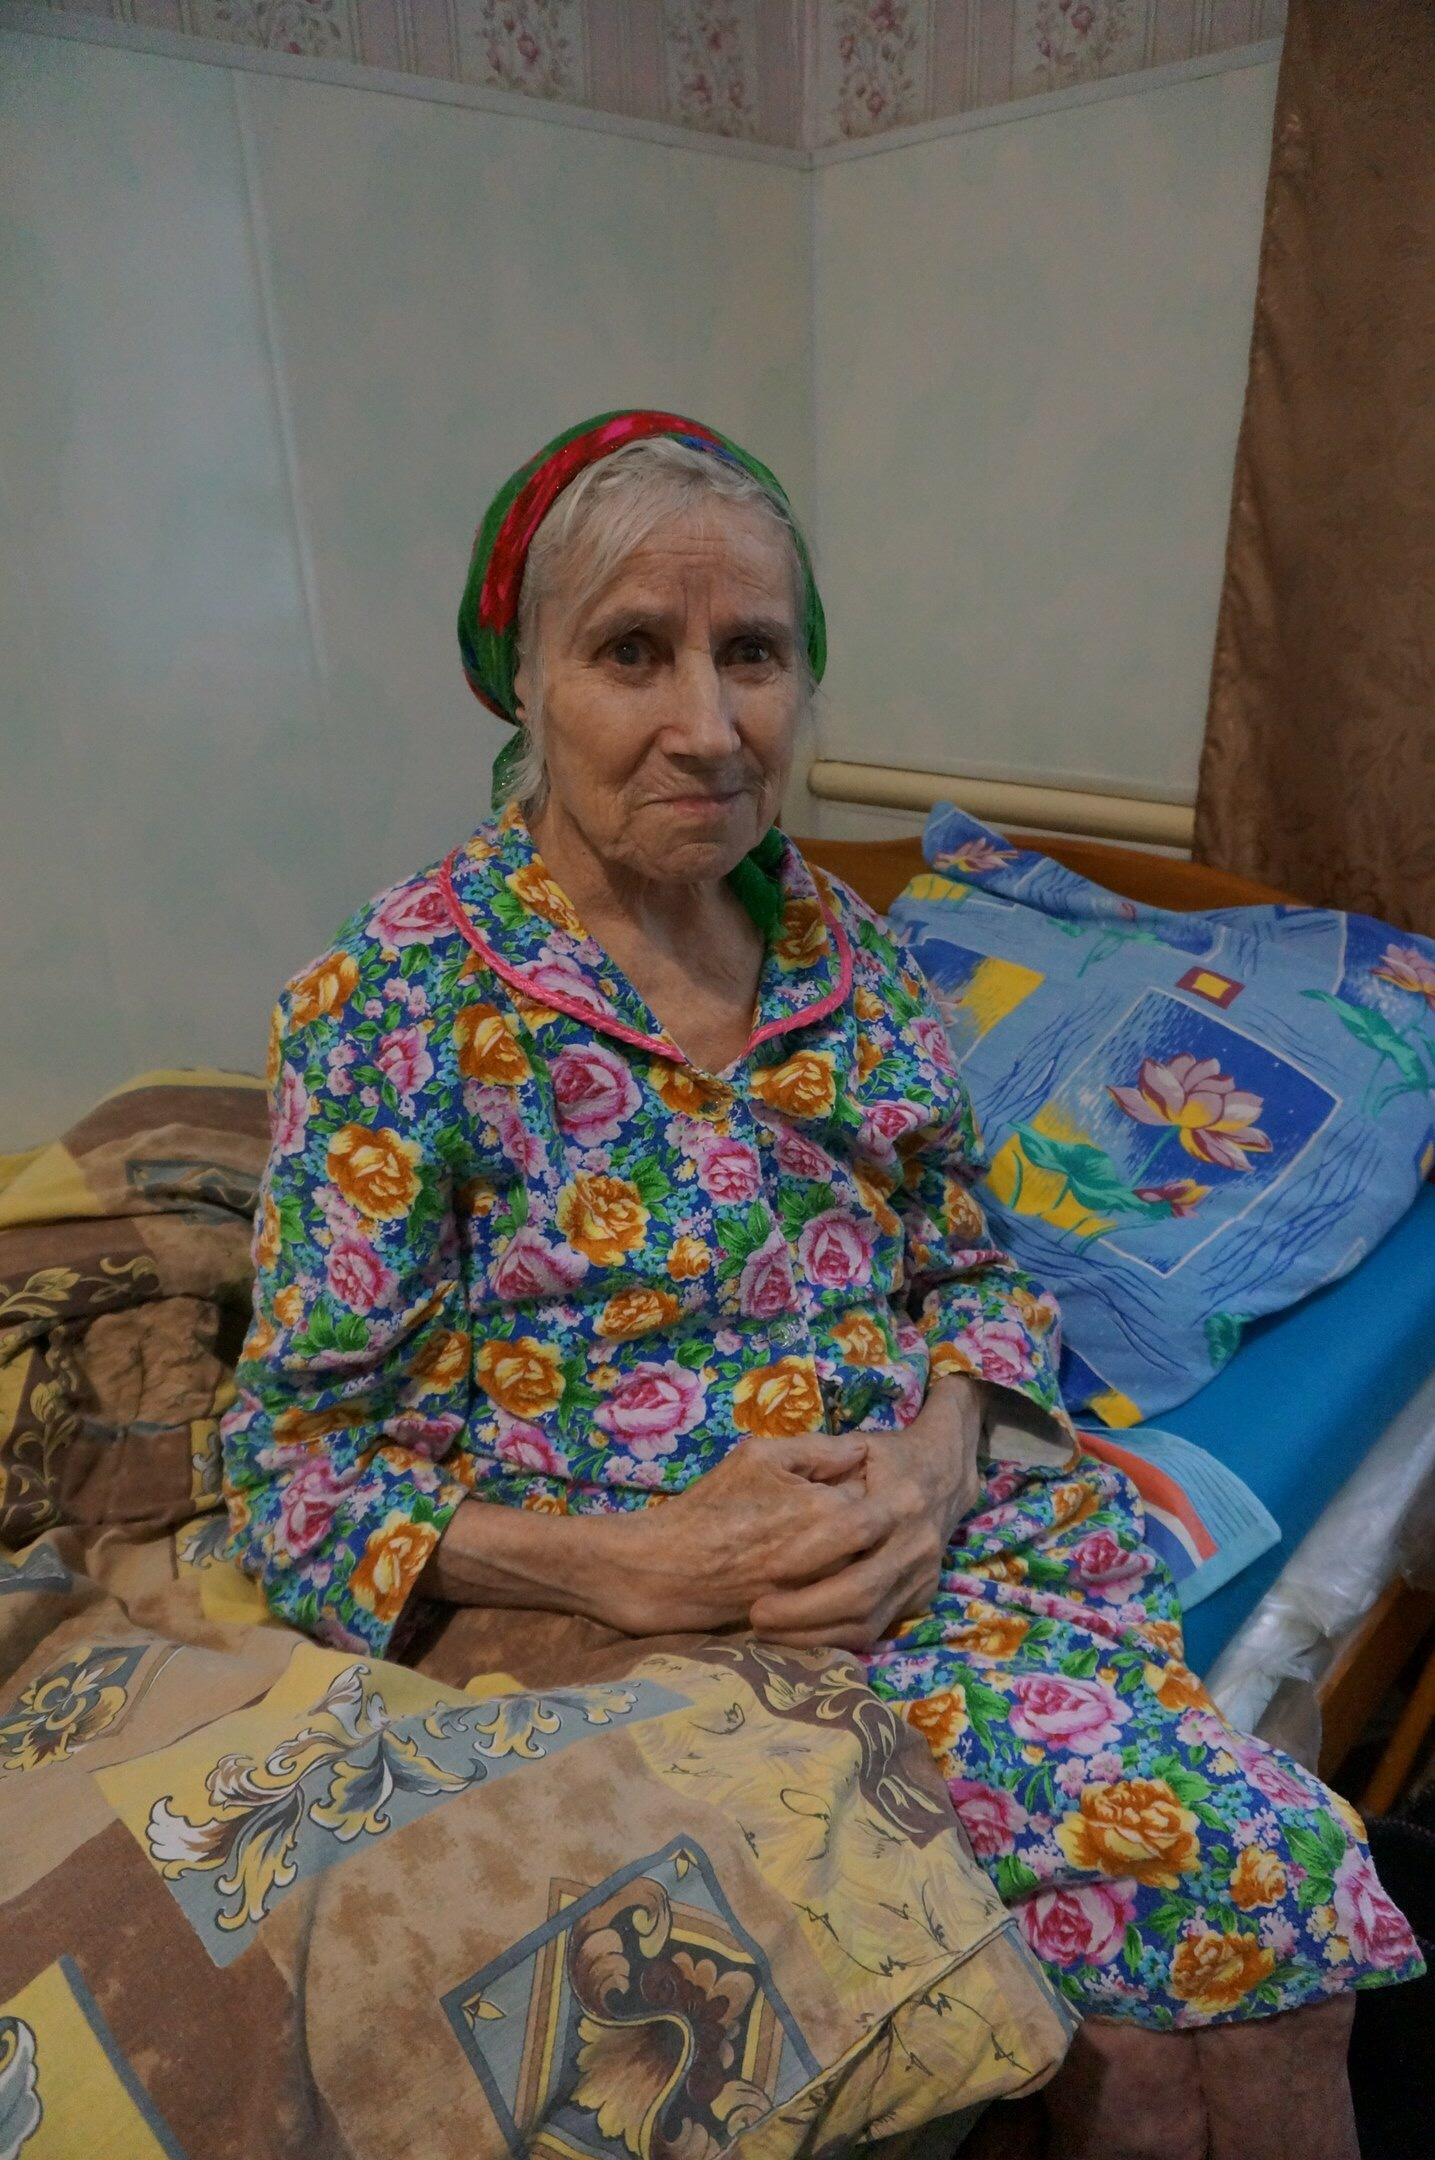 Кто должен покупать памперсы в доме престарелых дом престарелых №2 новокузнецк